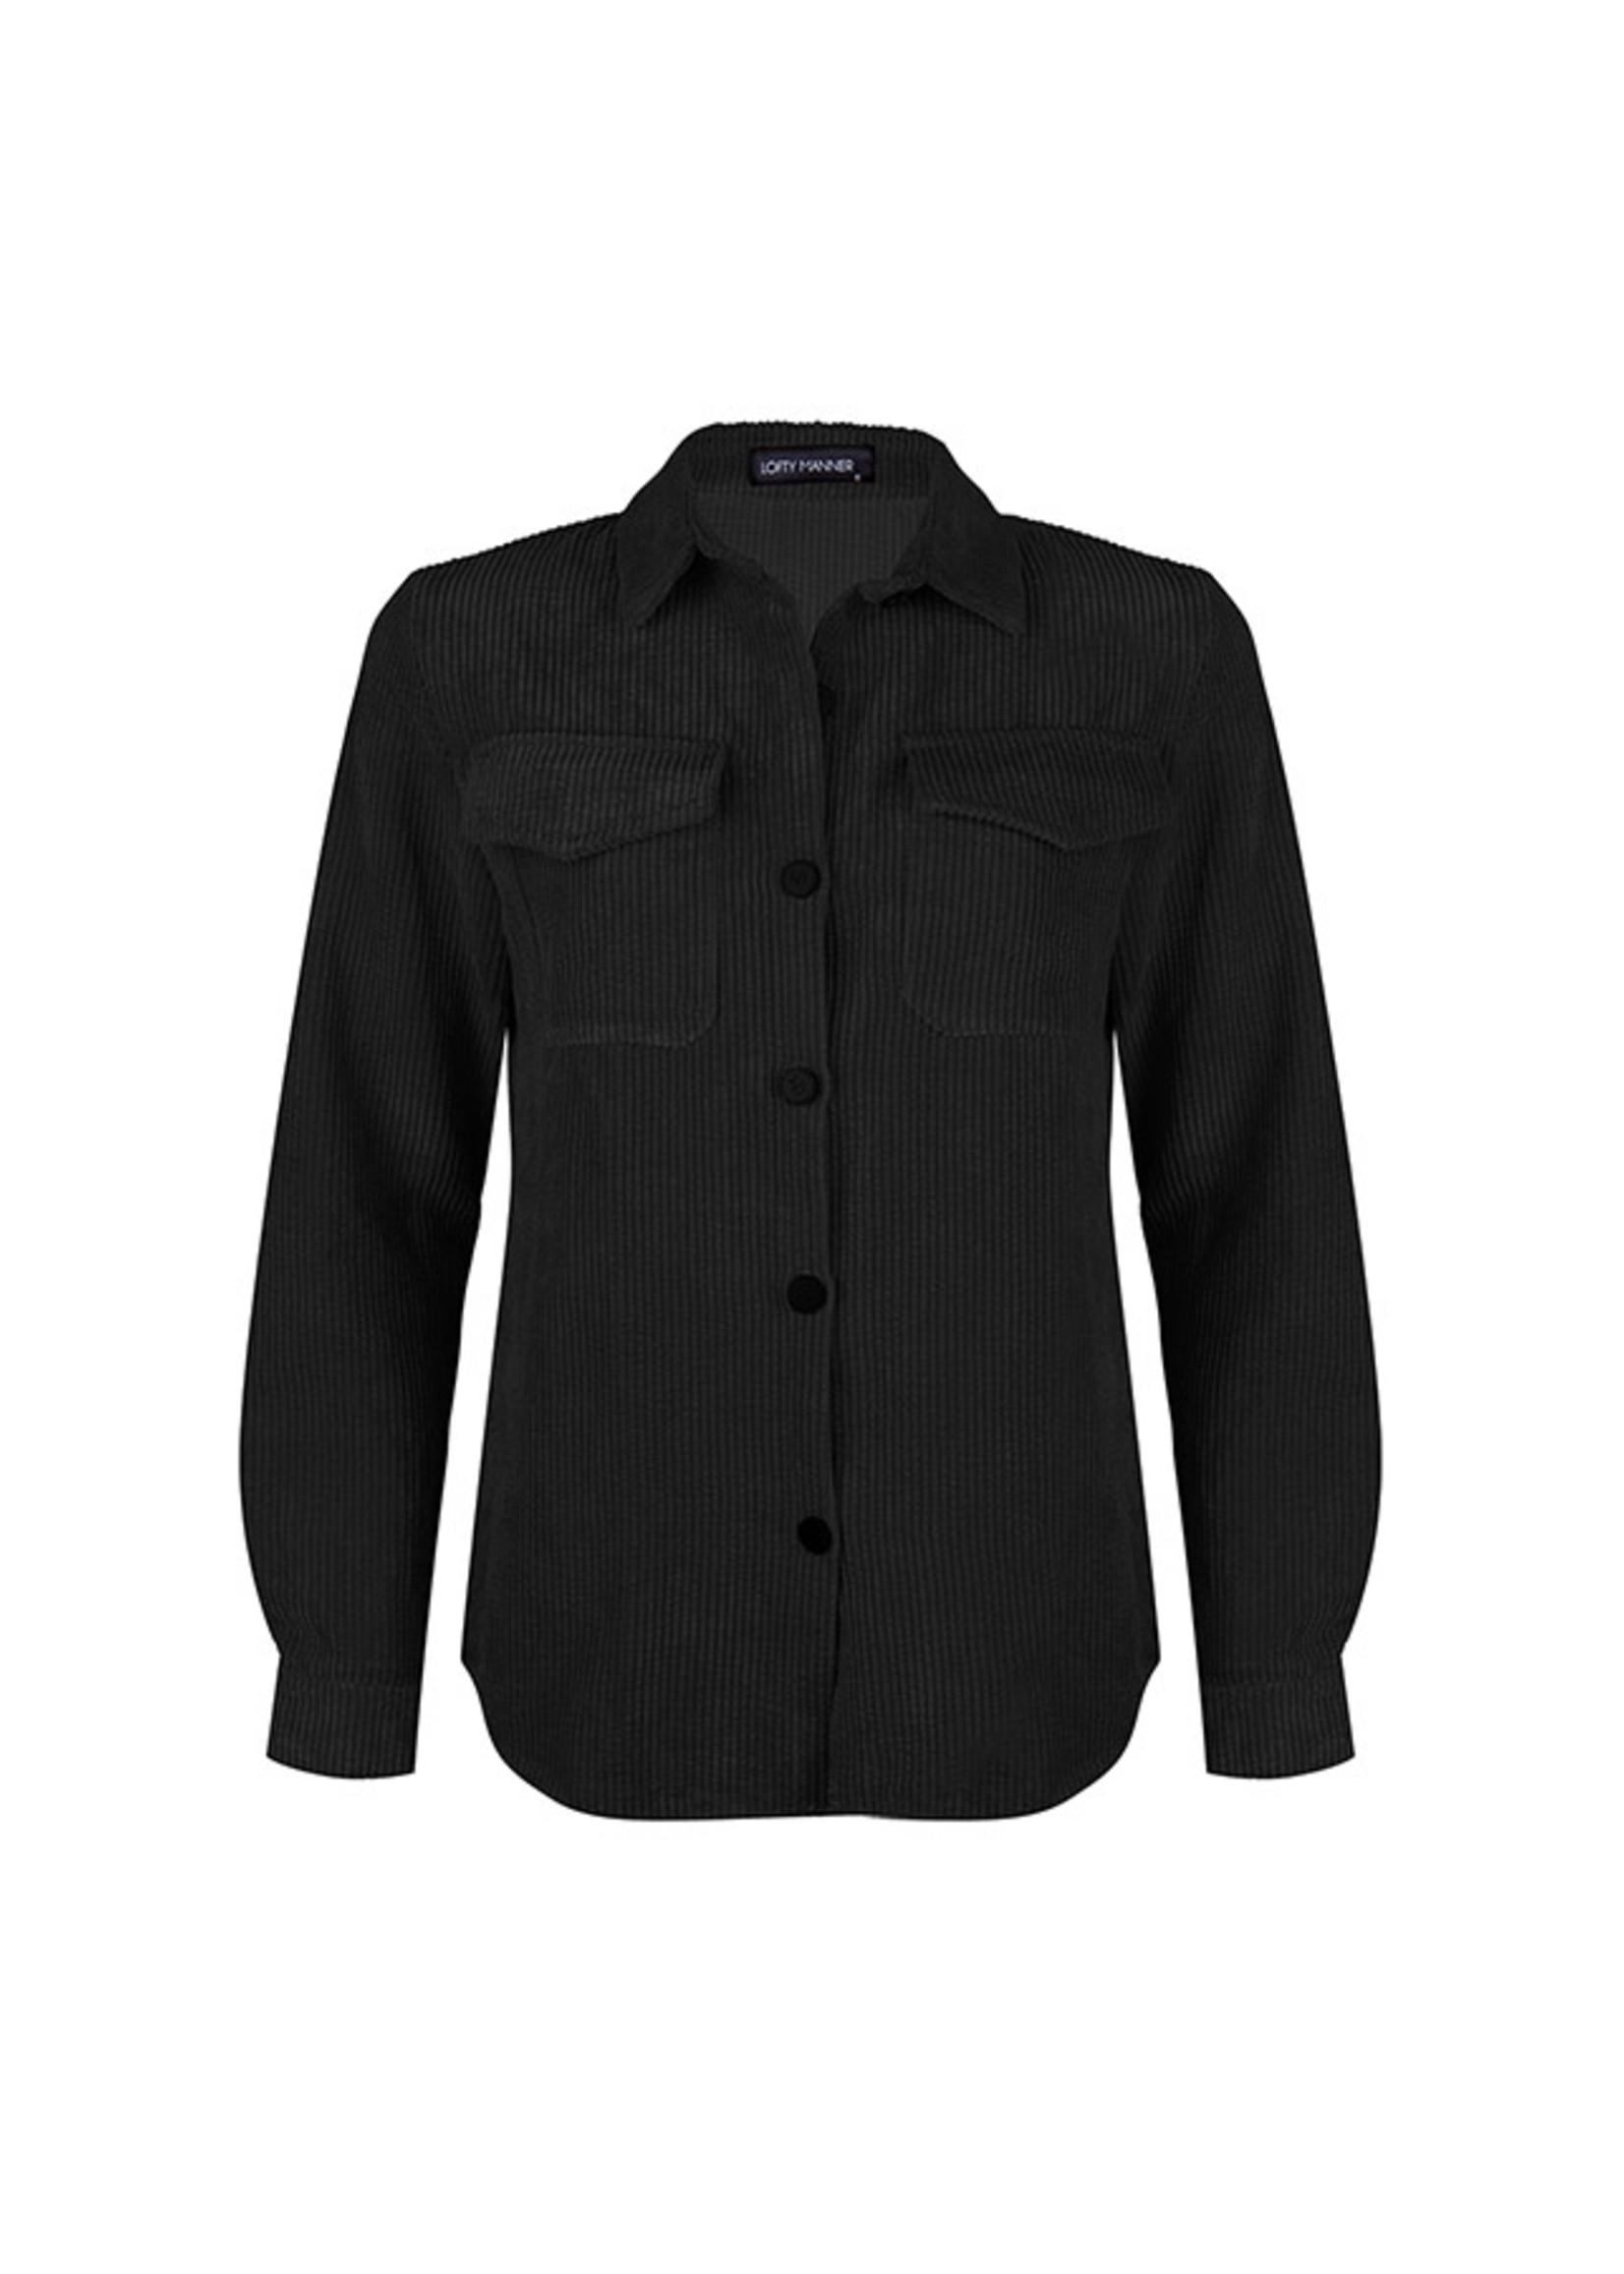 Lofty Manner Jasje/Blouse Black